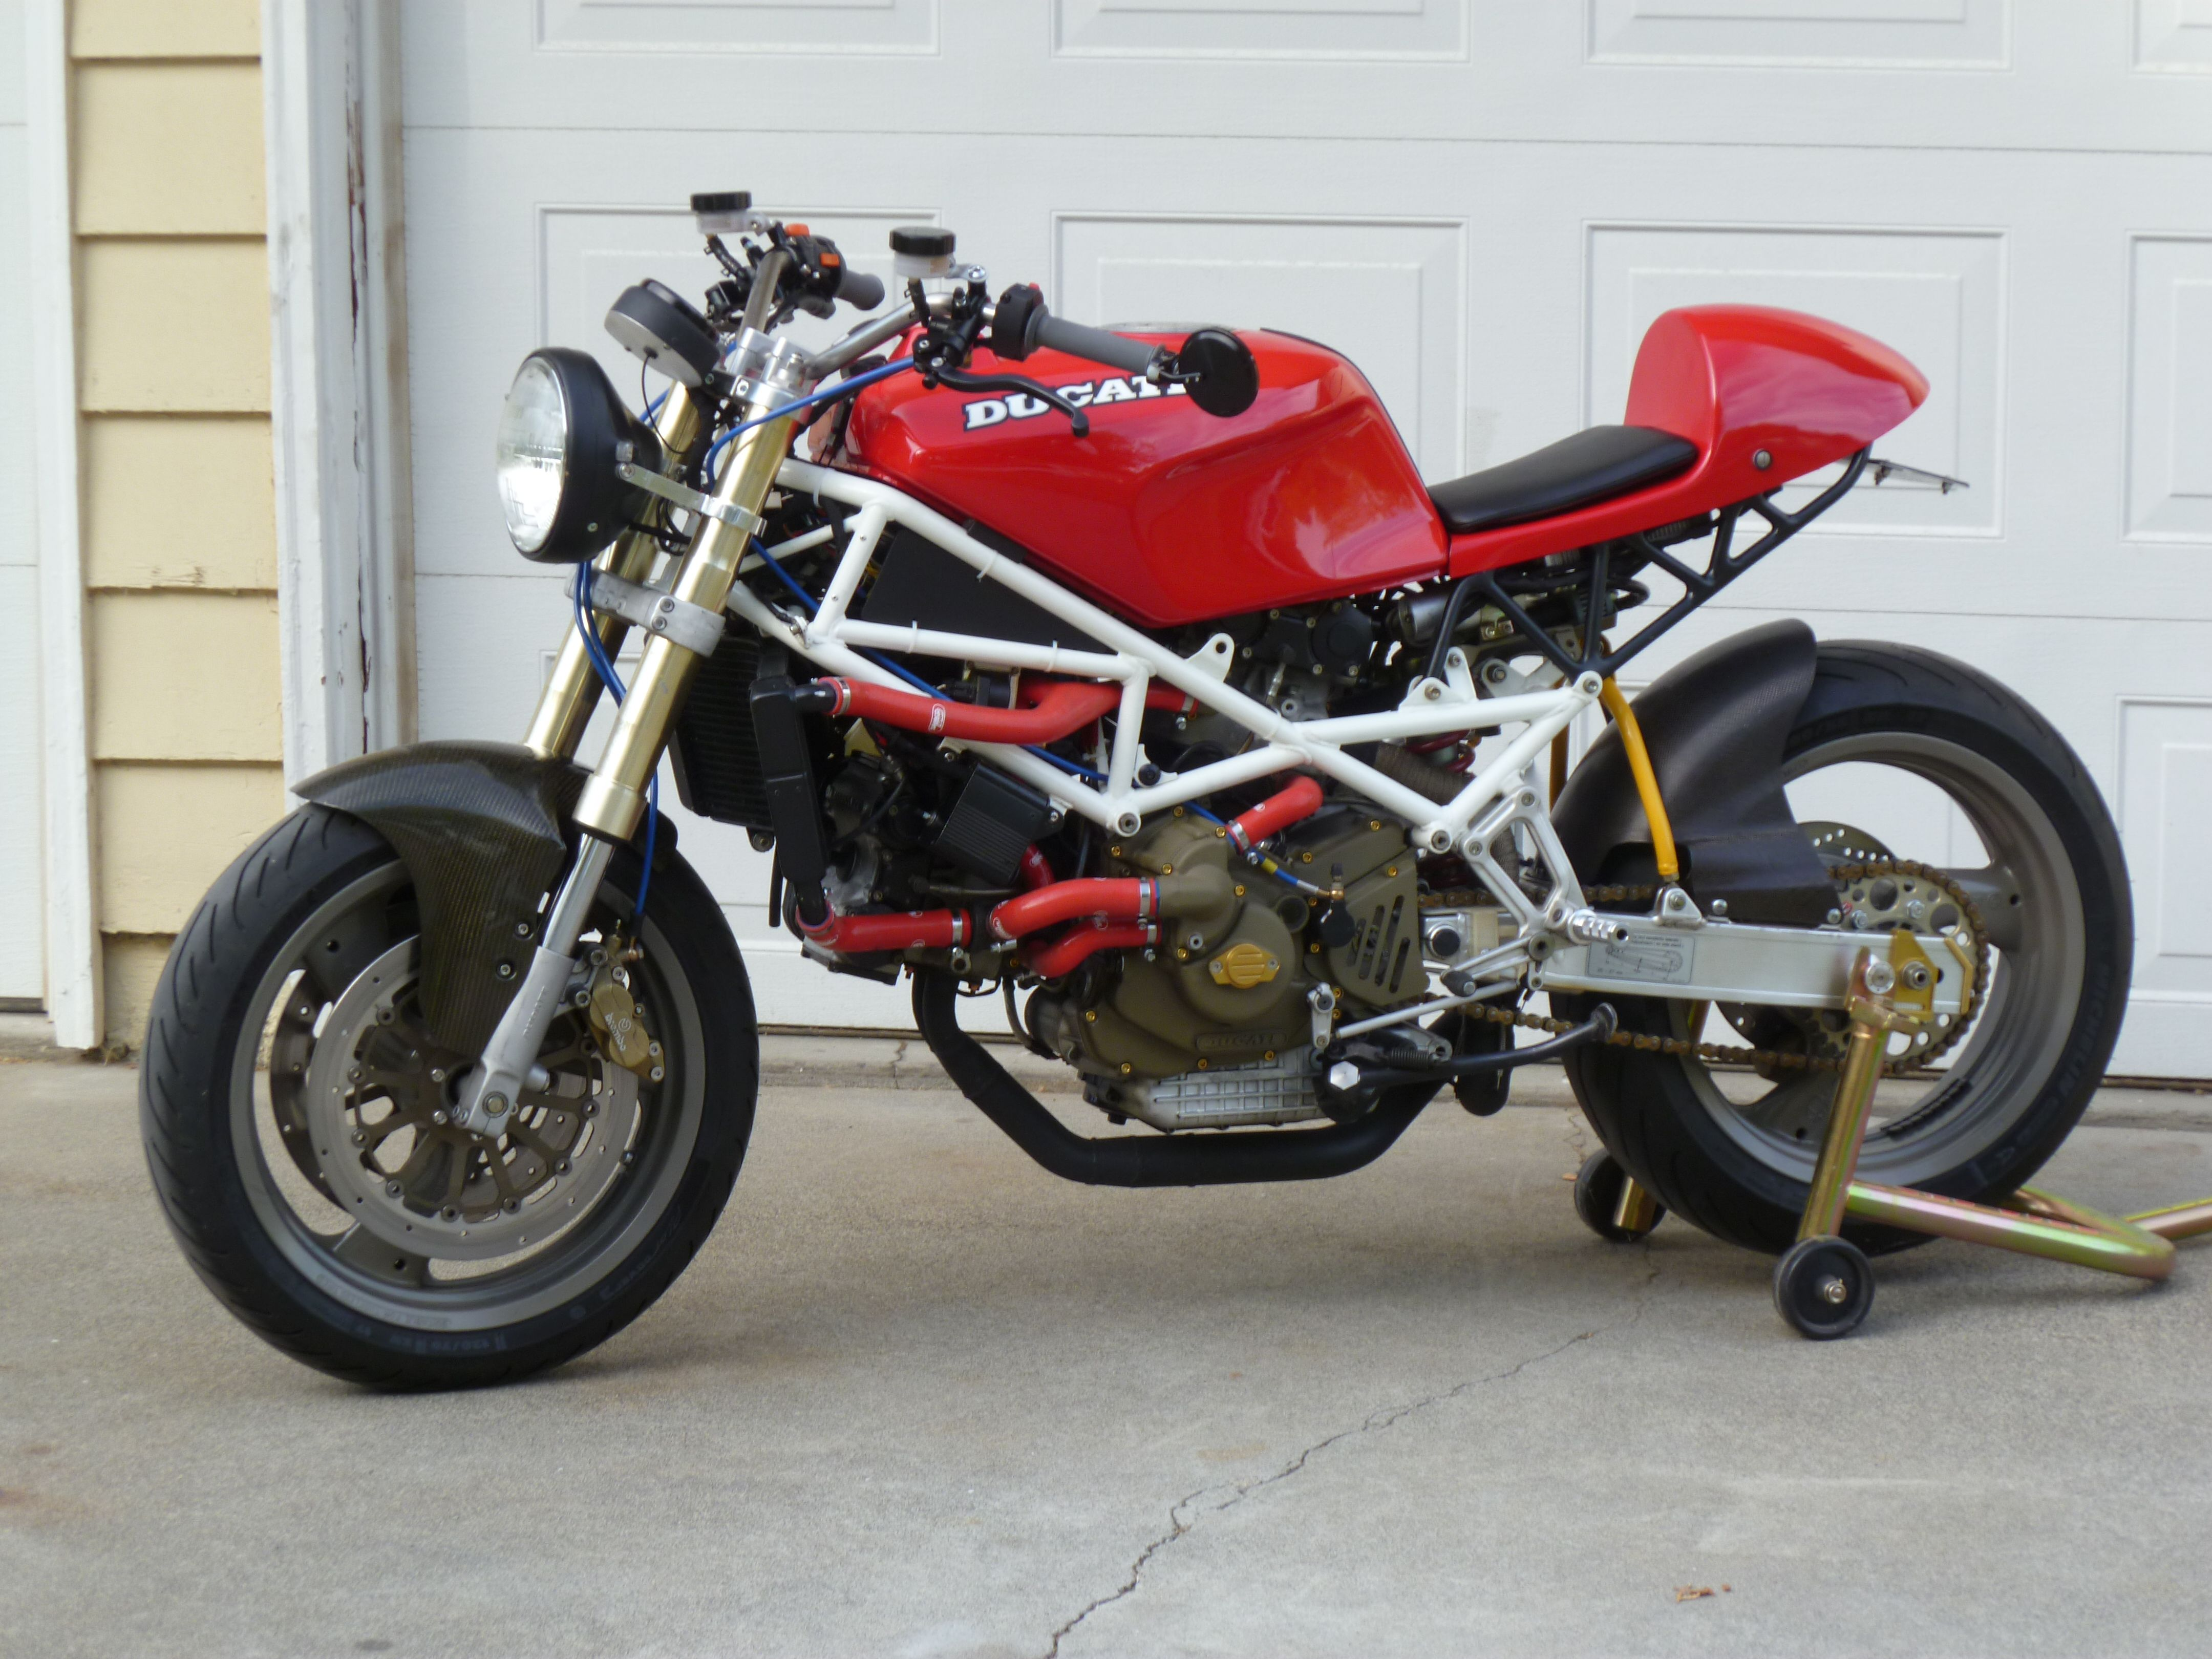 Naked Ducati 851 Café Racer